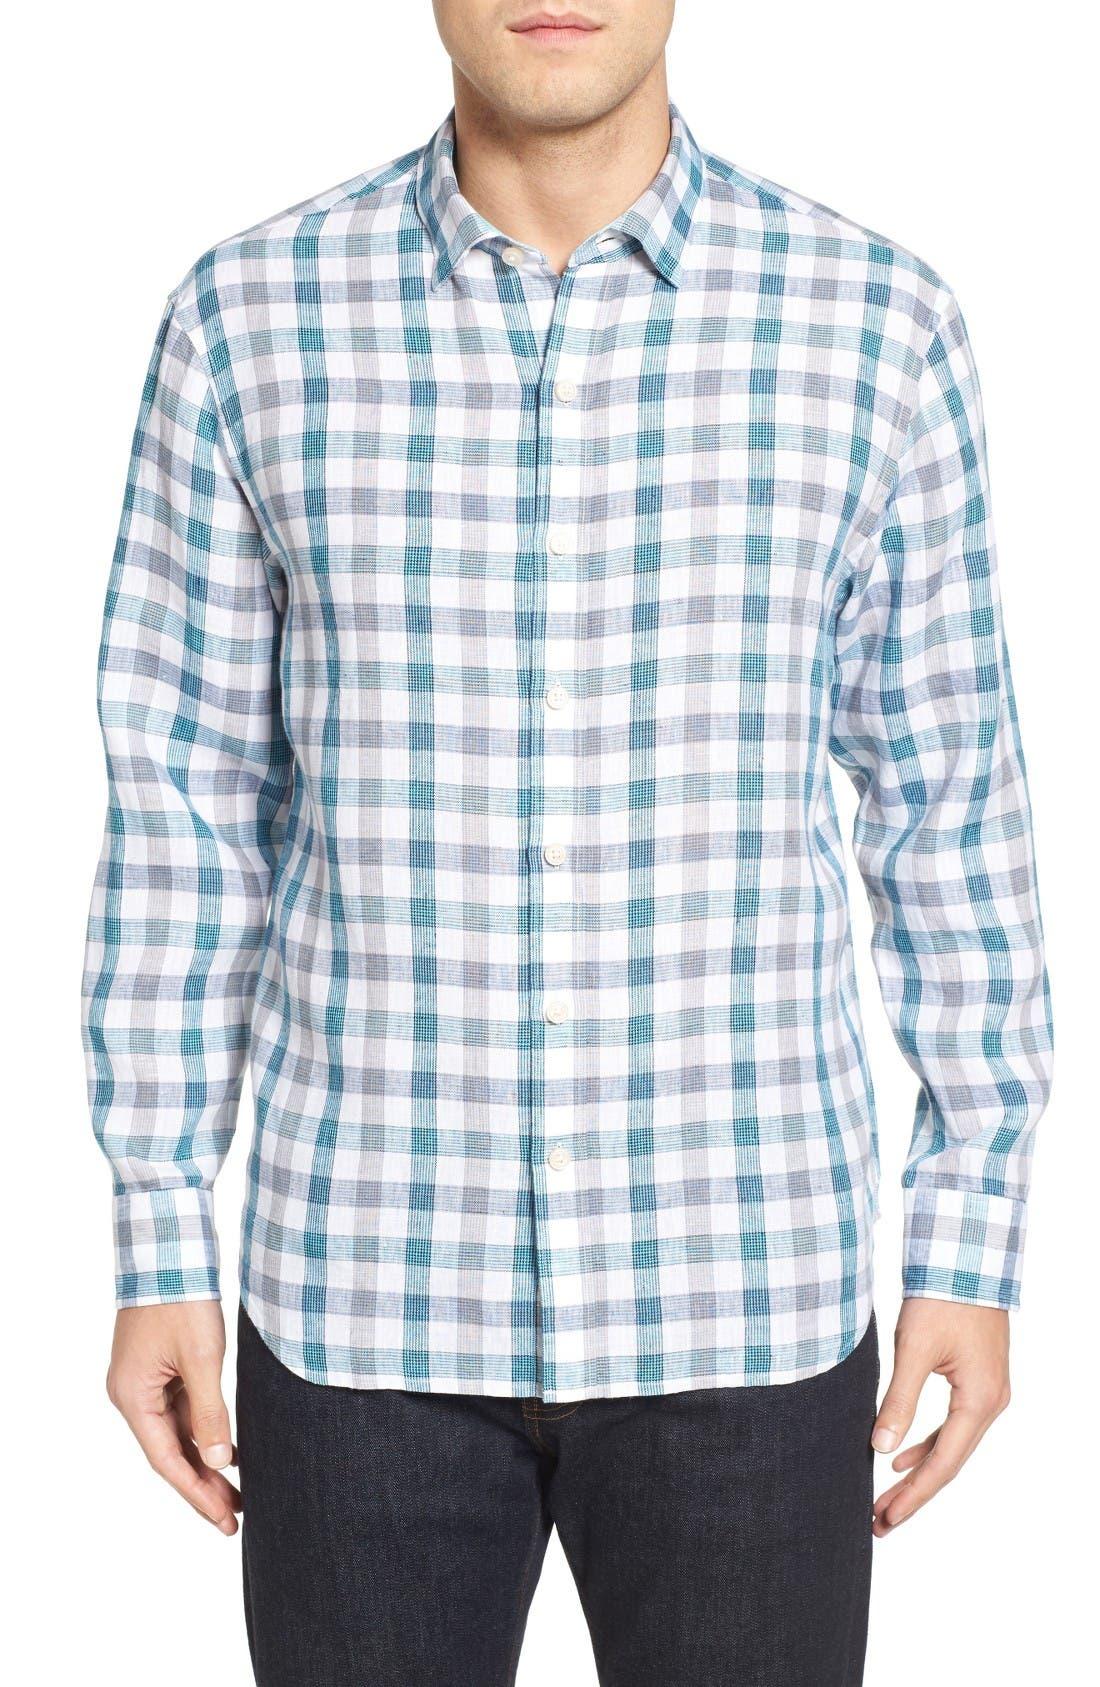 Main Image - Tommy Bahama Thira Check Linen Sport Shirt